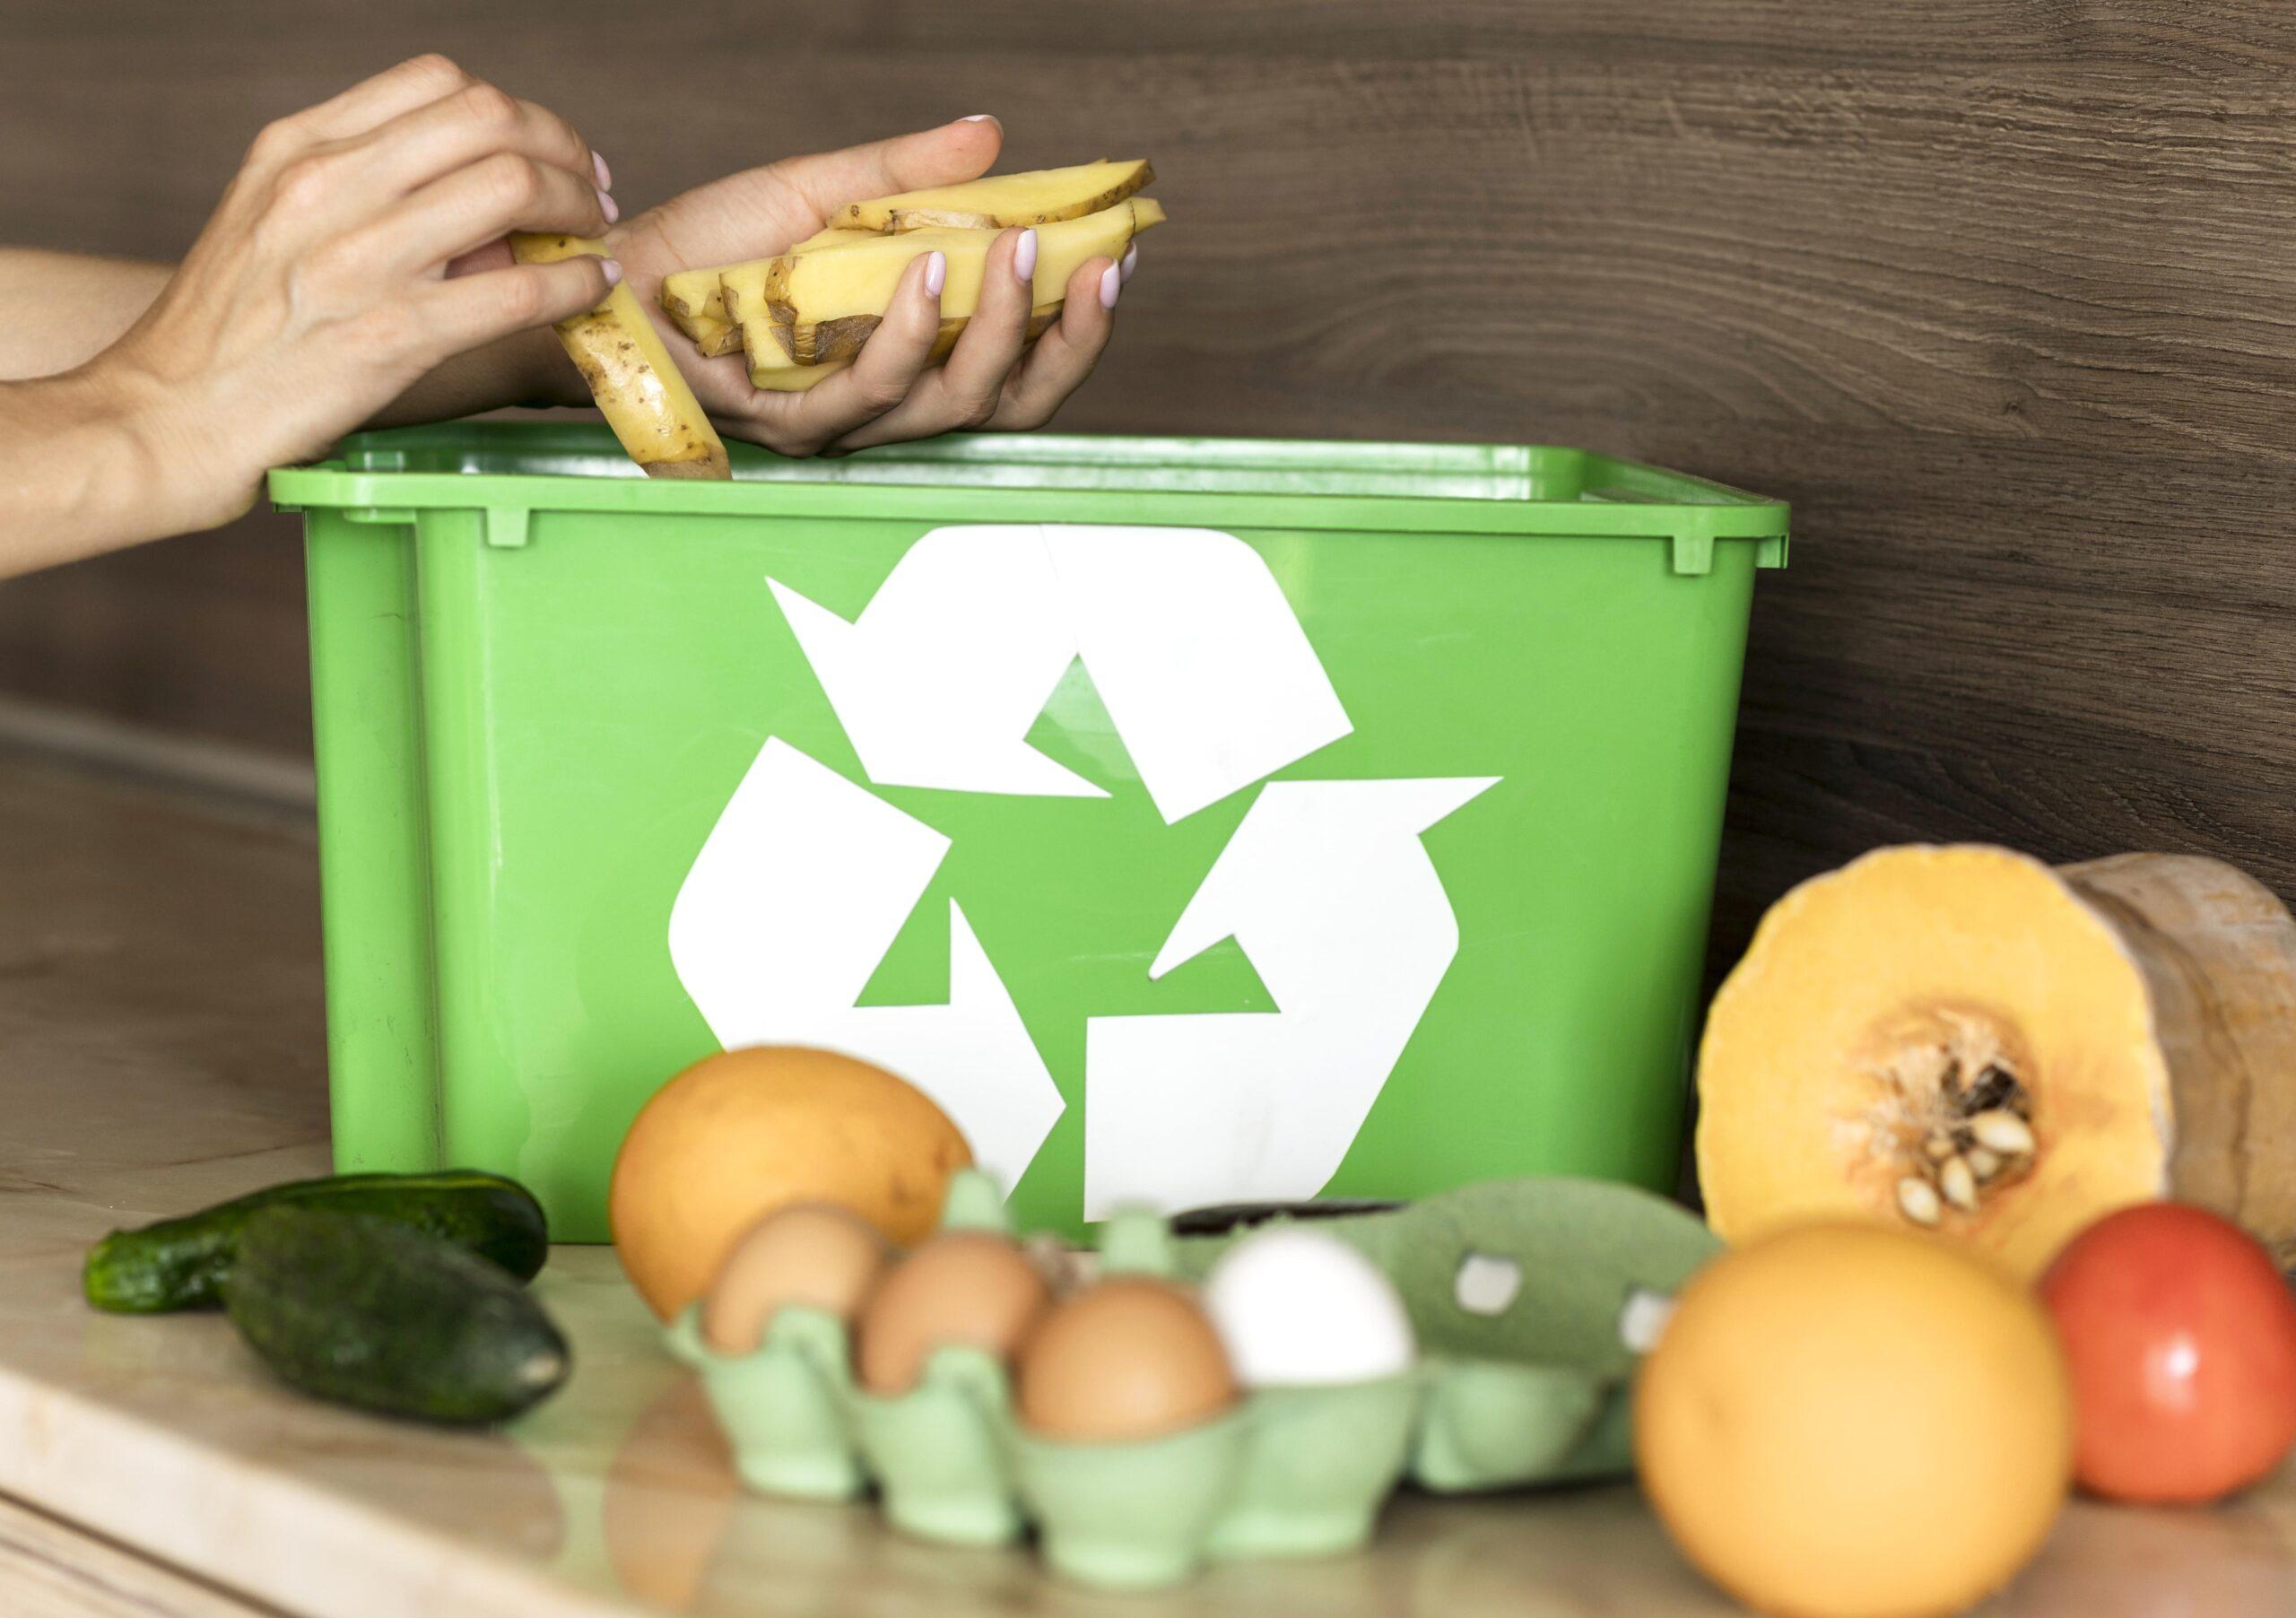 Manieren om de verspilling van Voedsel